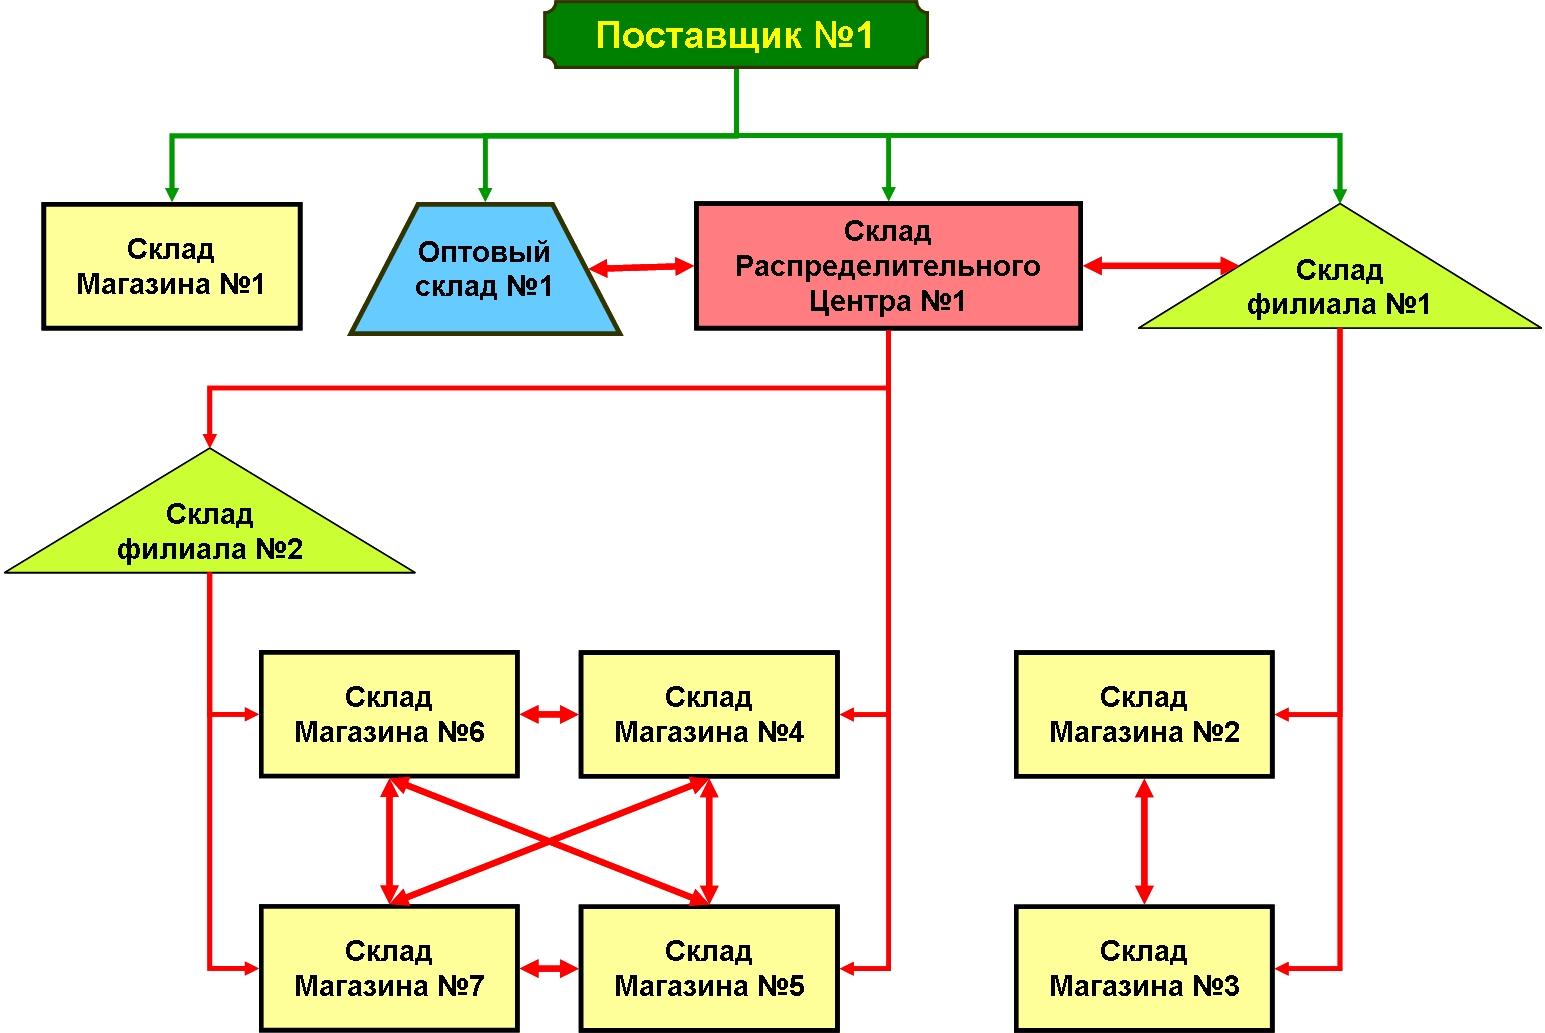 Схема распределения товаров